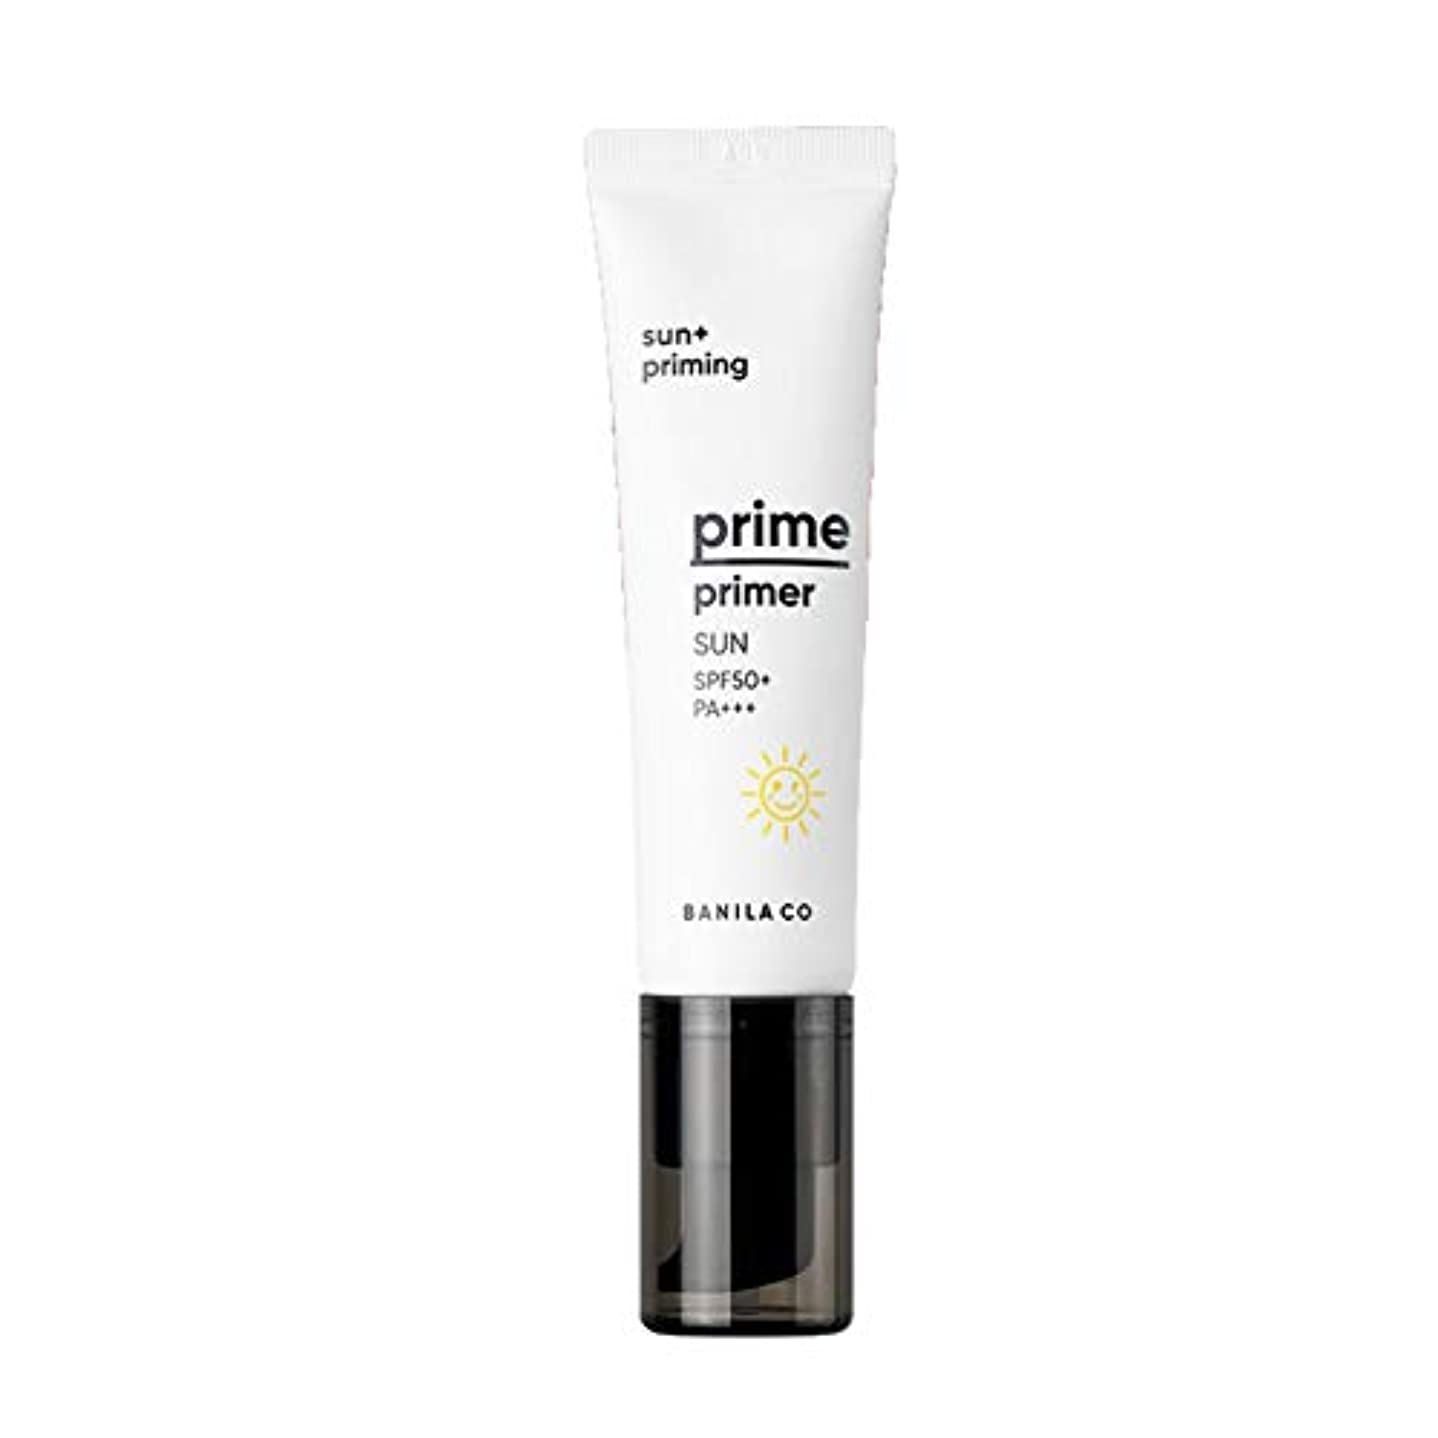 管理する太字憂鬱バニラコプライムプライマーサン30mlサンクリーム韓国コスメ、Banila Co Prime Primer Sun 30ml Sun Cream Korean Cosmetics [並行輸入品]